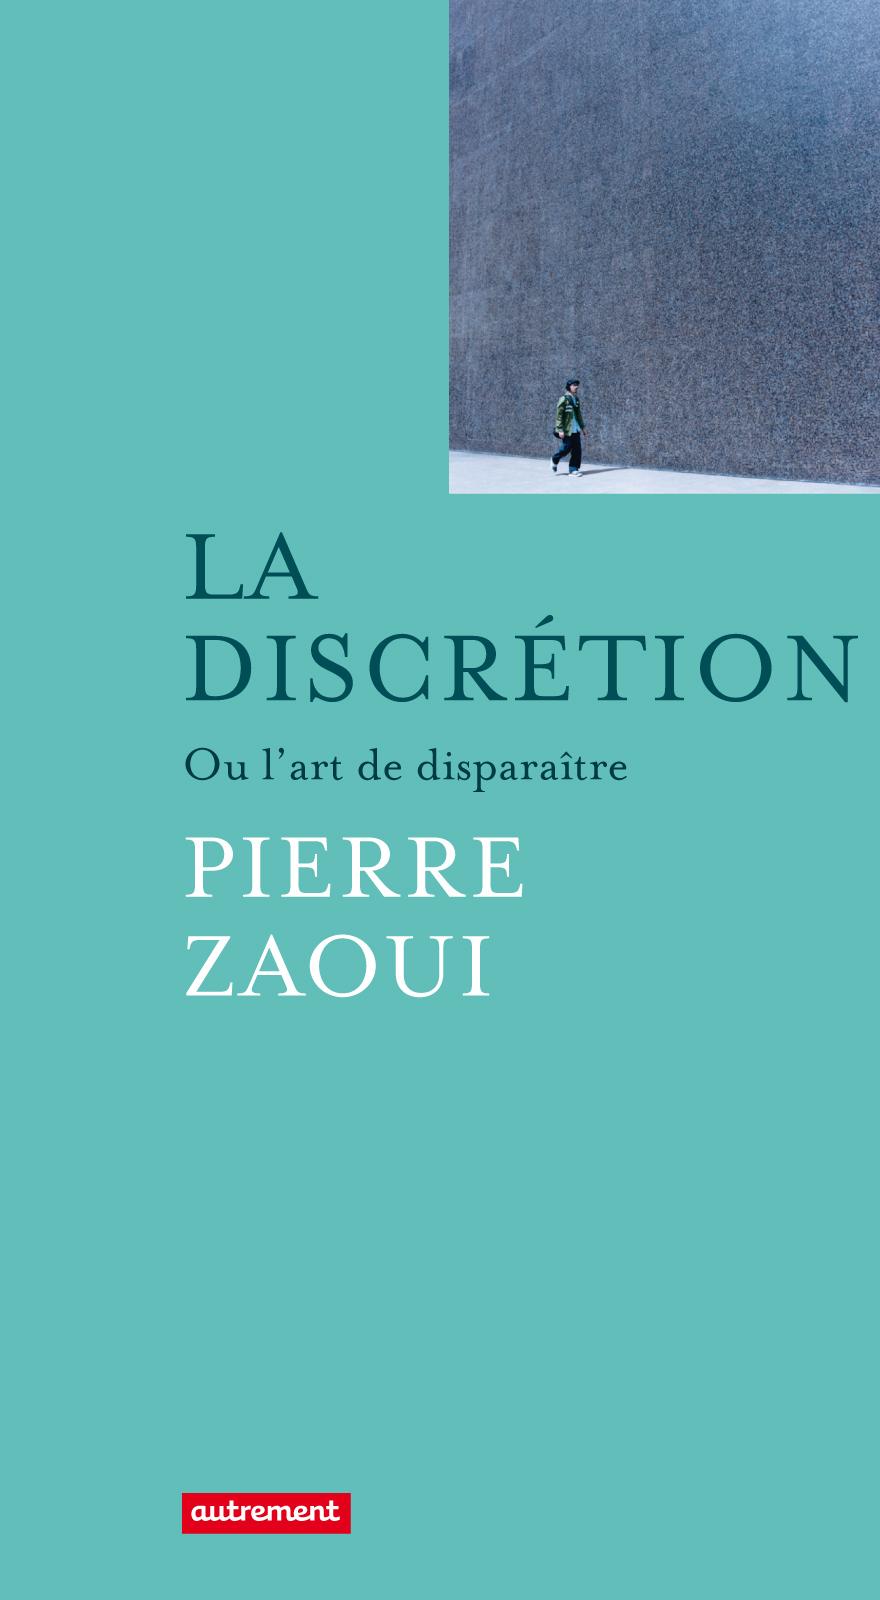 La Discrétion, OU L'ART DE DISPARAÎTRE